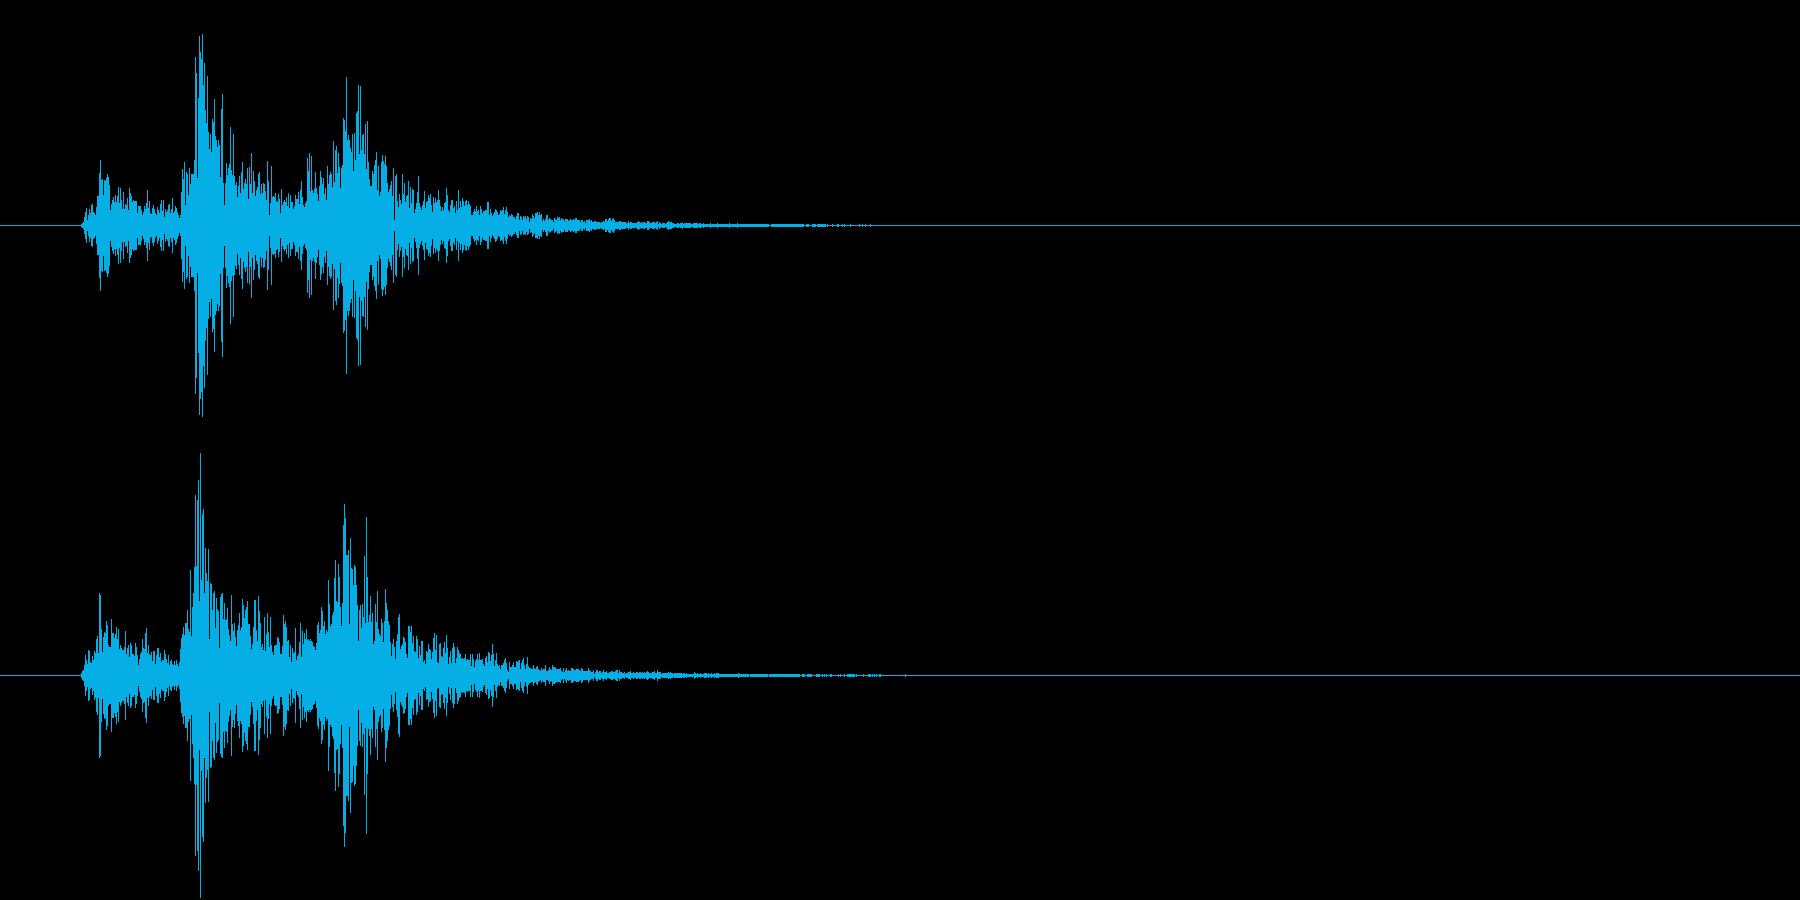 音侍「ドドドン!」歌舞伎の足拍子の連打音の再生済みの波形